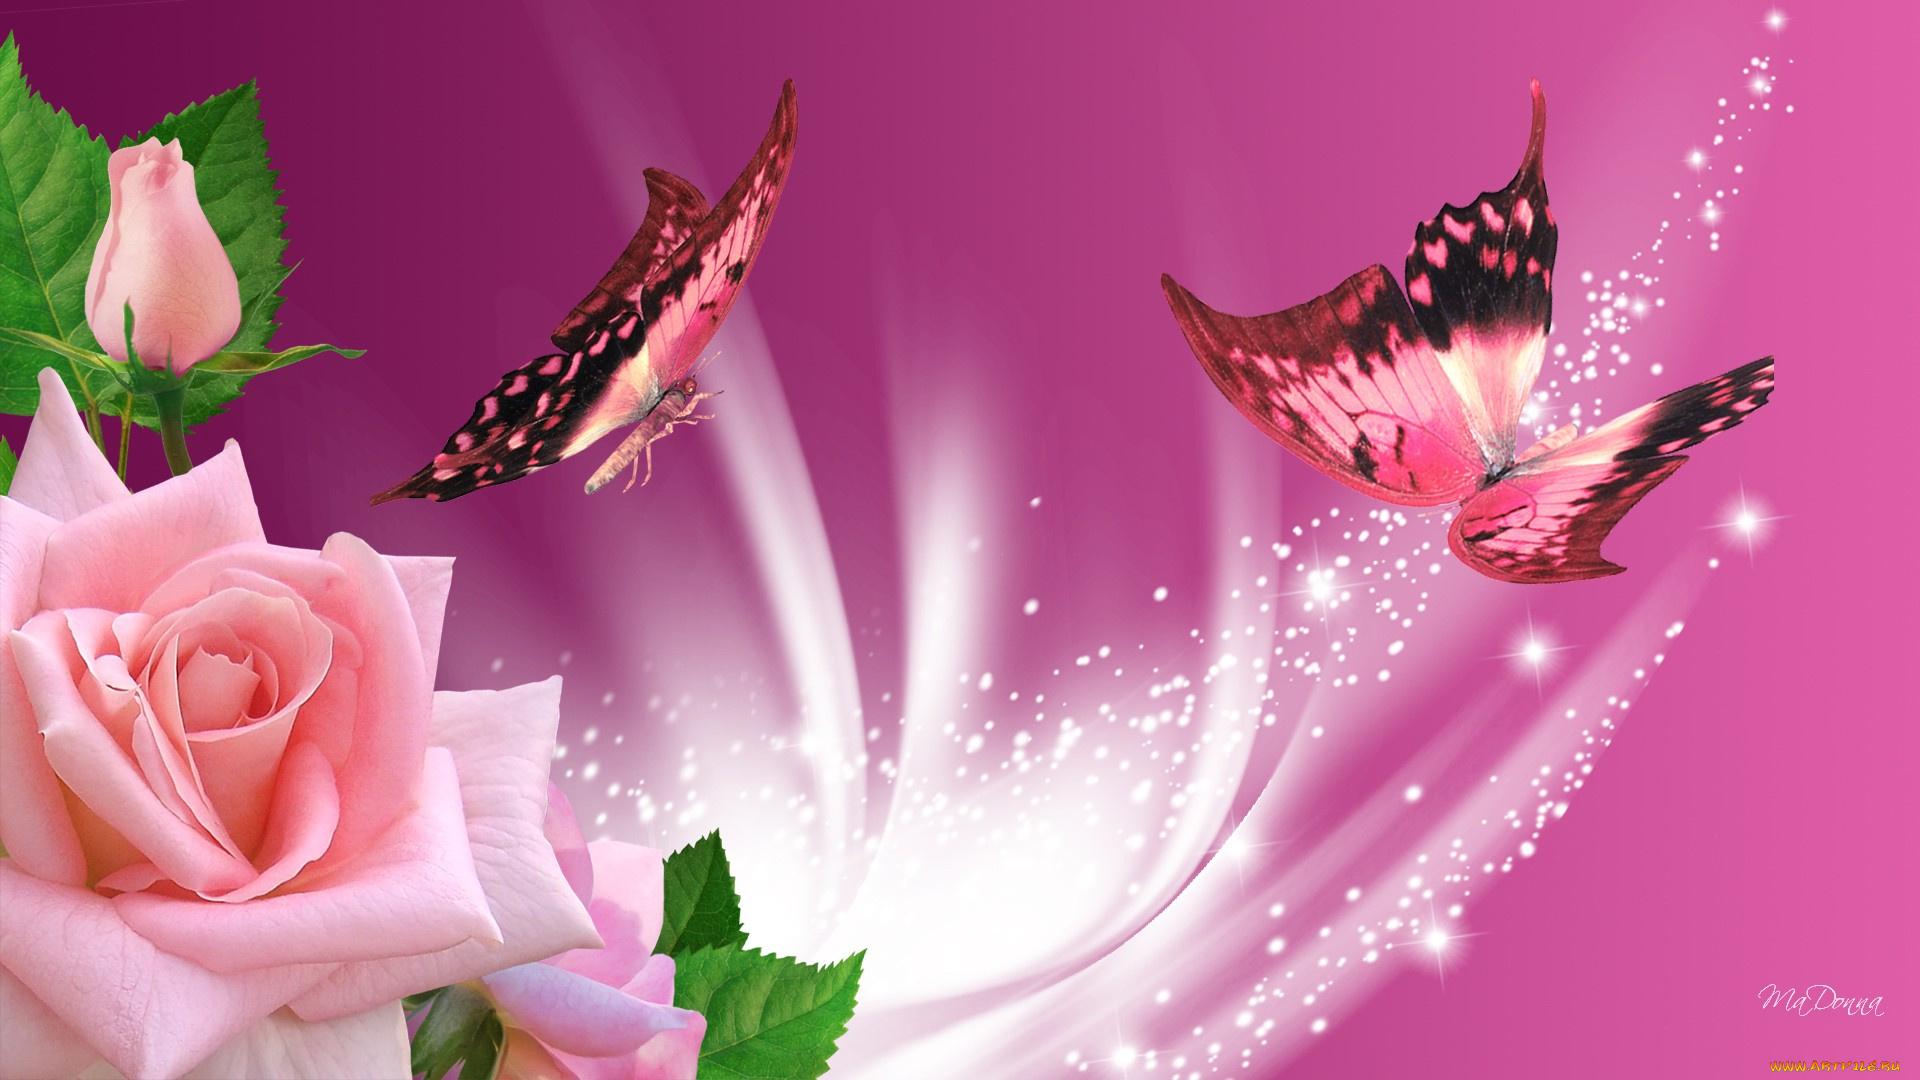 С днем рождения! Открытка с цветами и бабочками - Открытки Открытка с бабочками анимация